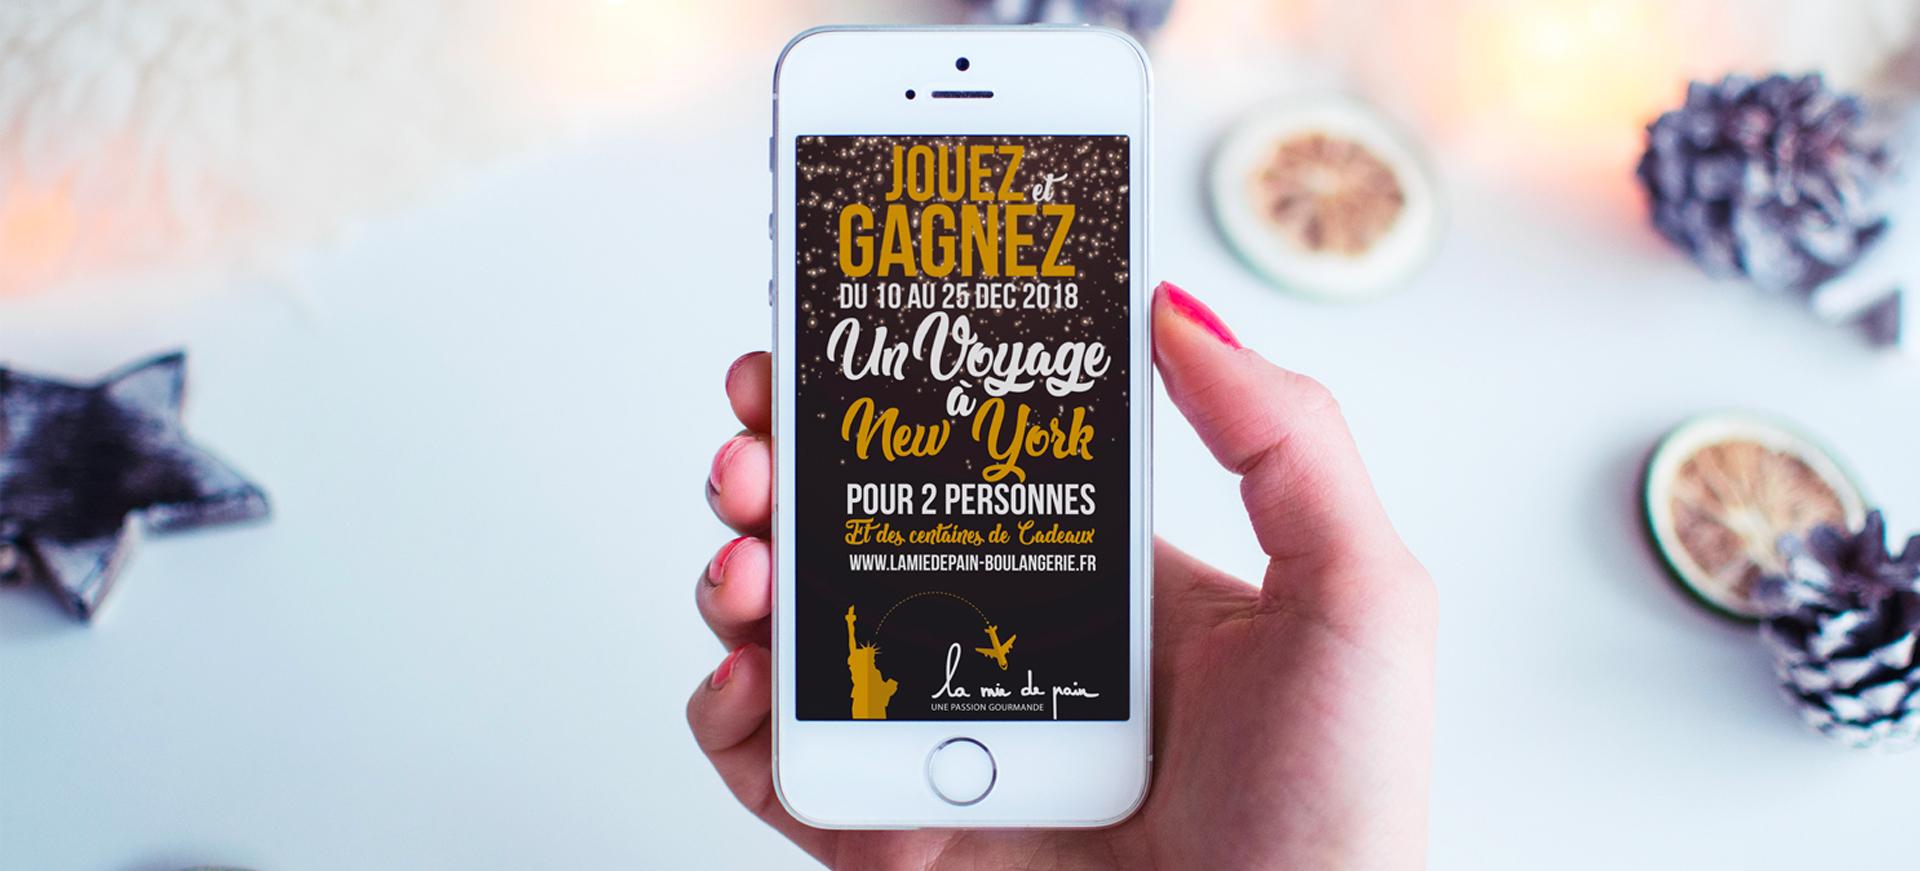 lamiedepain-SITE-NOEL-new-york-voyage-a-gagner-noel2018-accueil-1920x871px